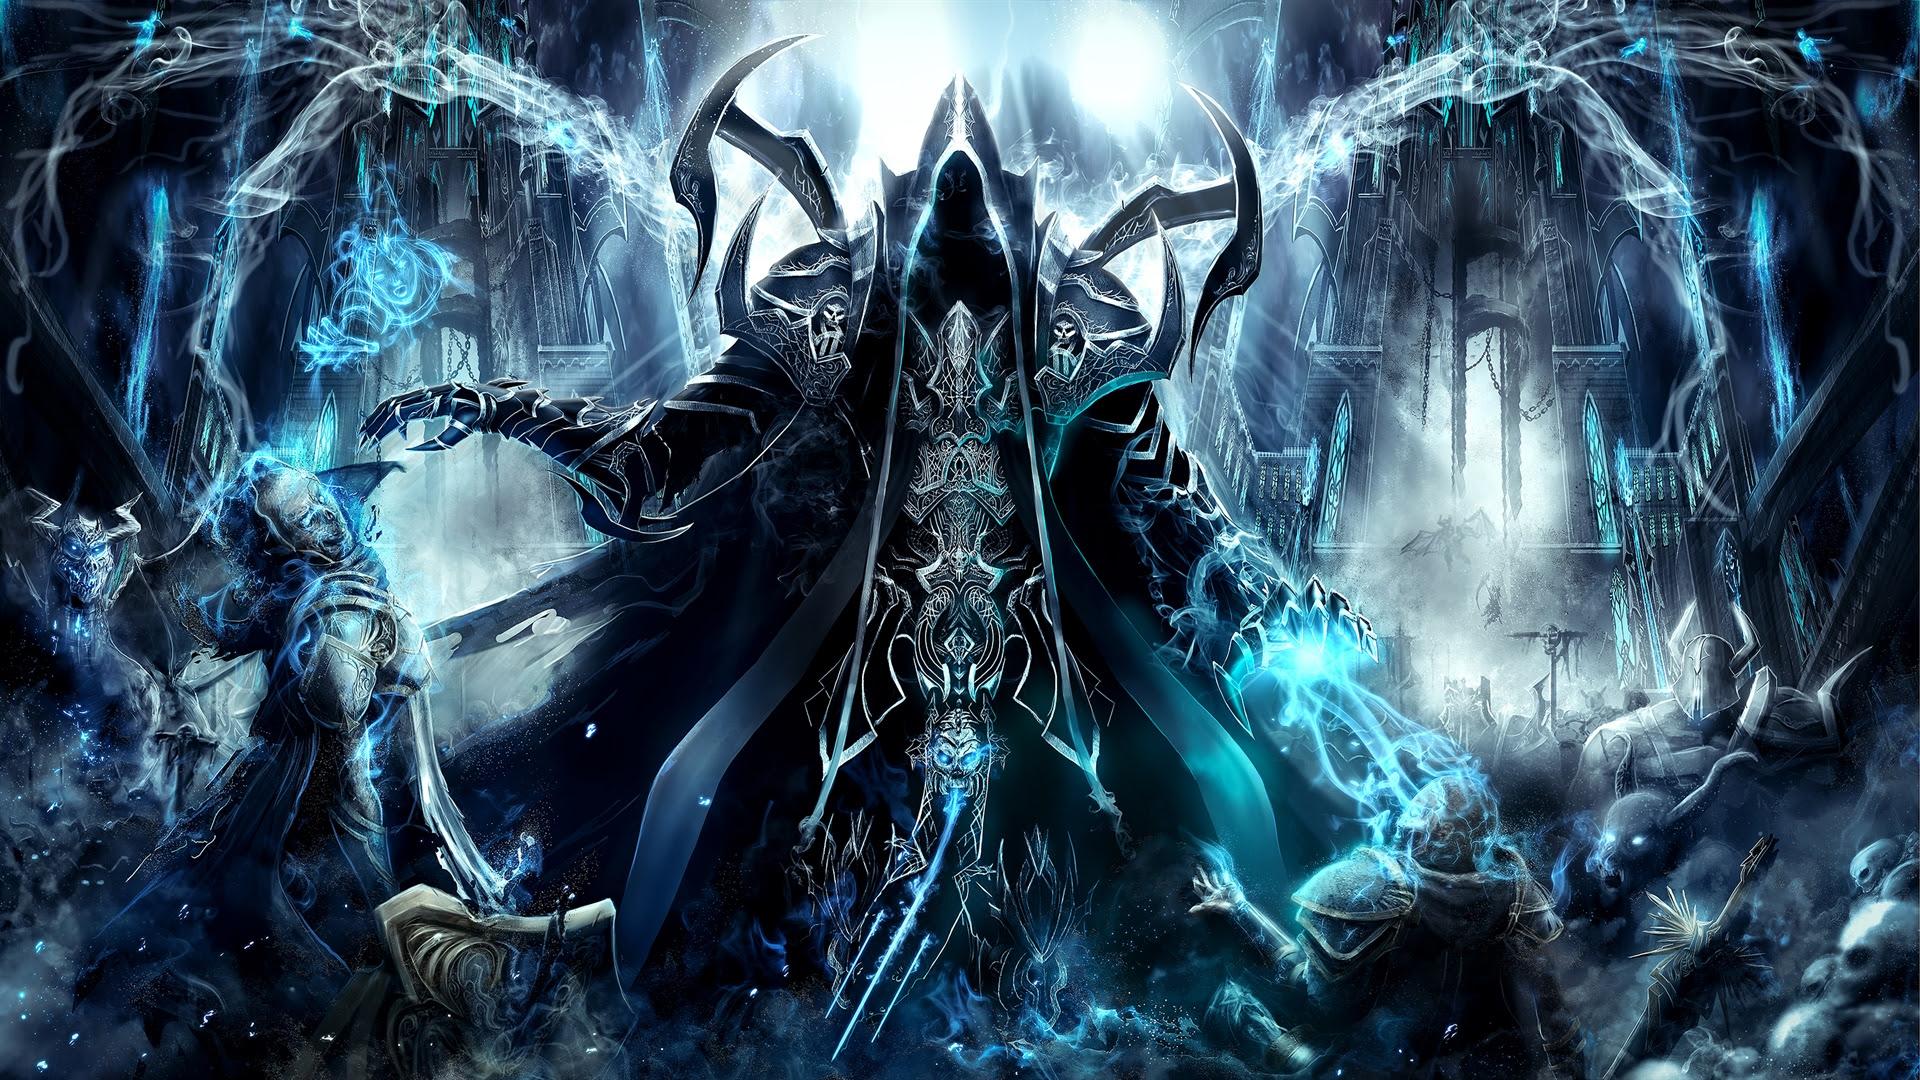 Diablo Reaper Of Souls Wallpaper 1920x1080 67416